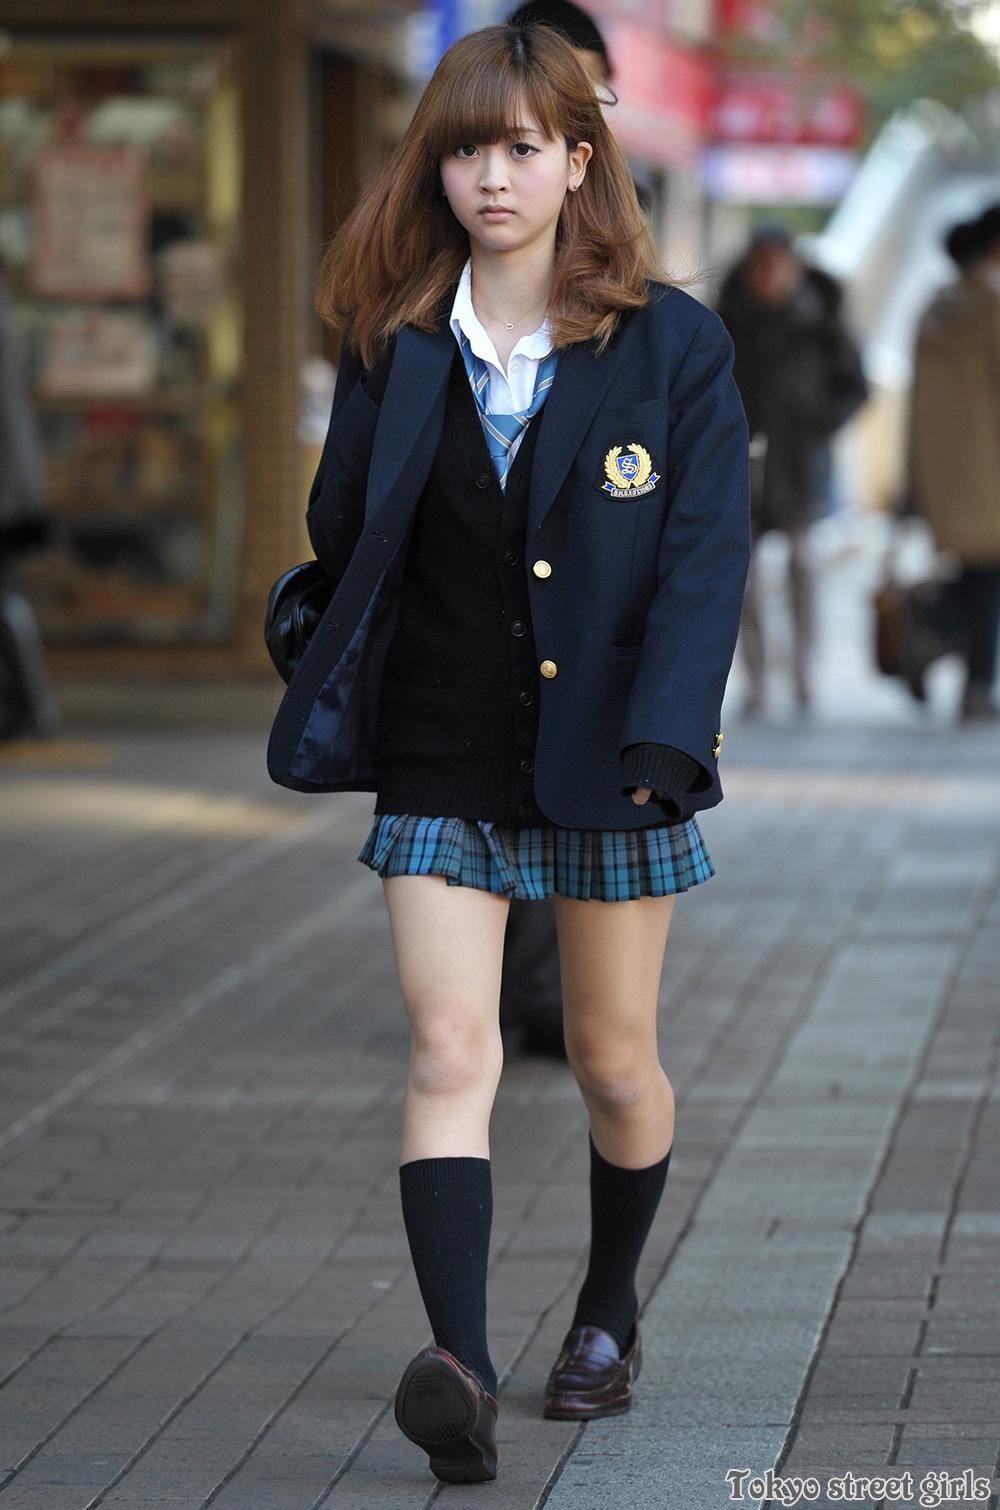 街撮り JK 顔出し モザなしjk東京ストリートガールズ 東京ストリートガールズ  盗撮写真 街撮りJK顔出しモザなしjk東京ストリートガールズ投稿画像155枚